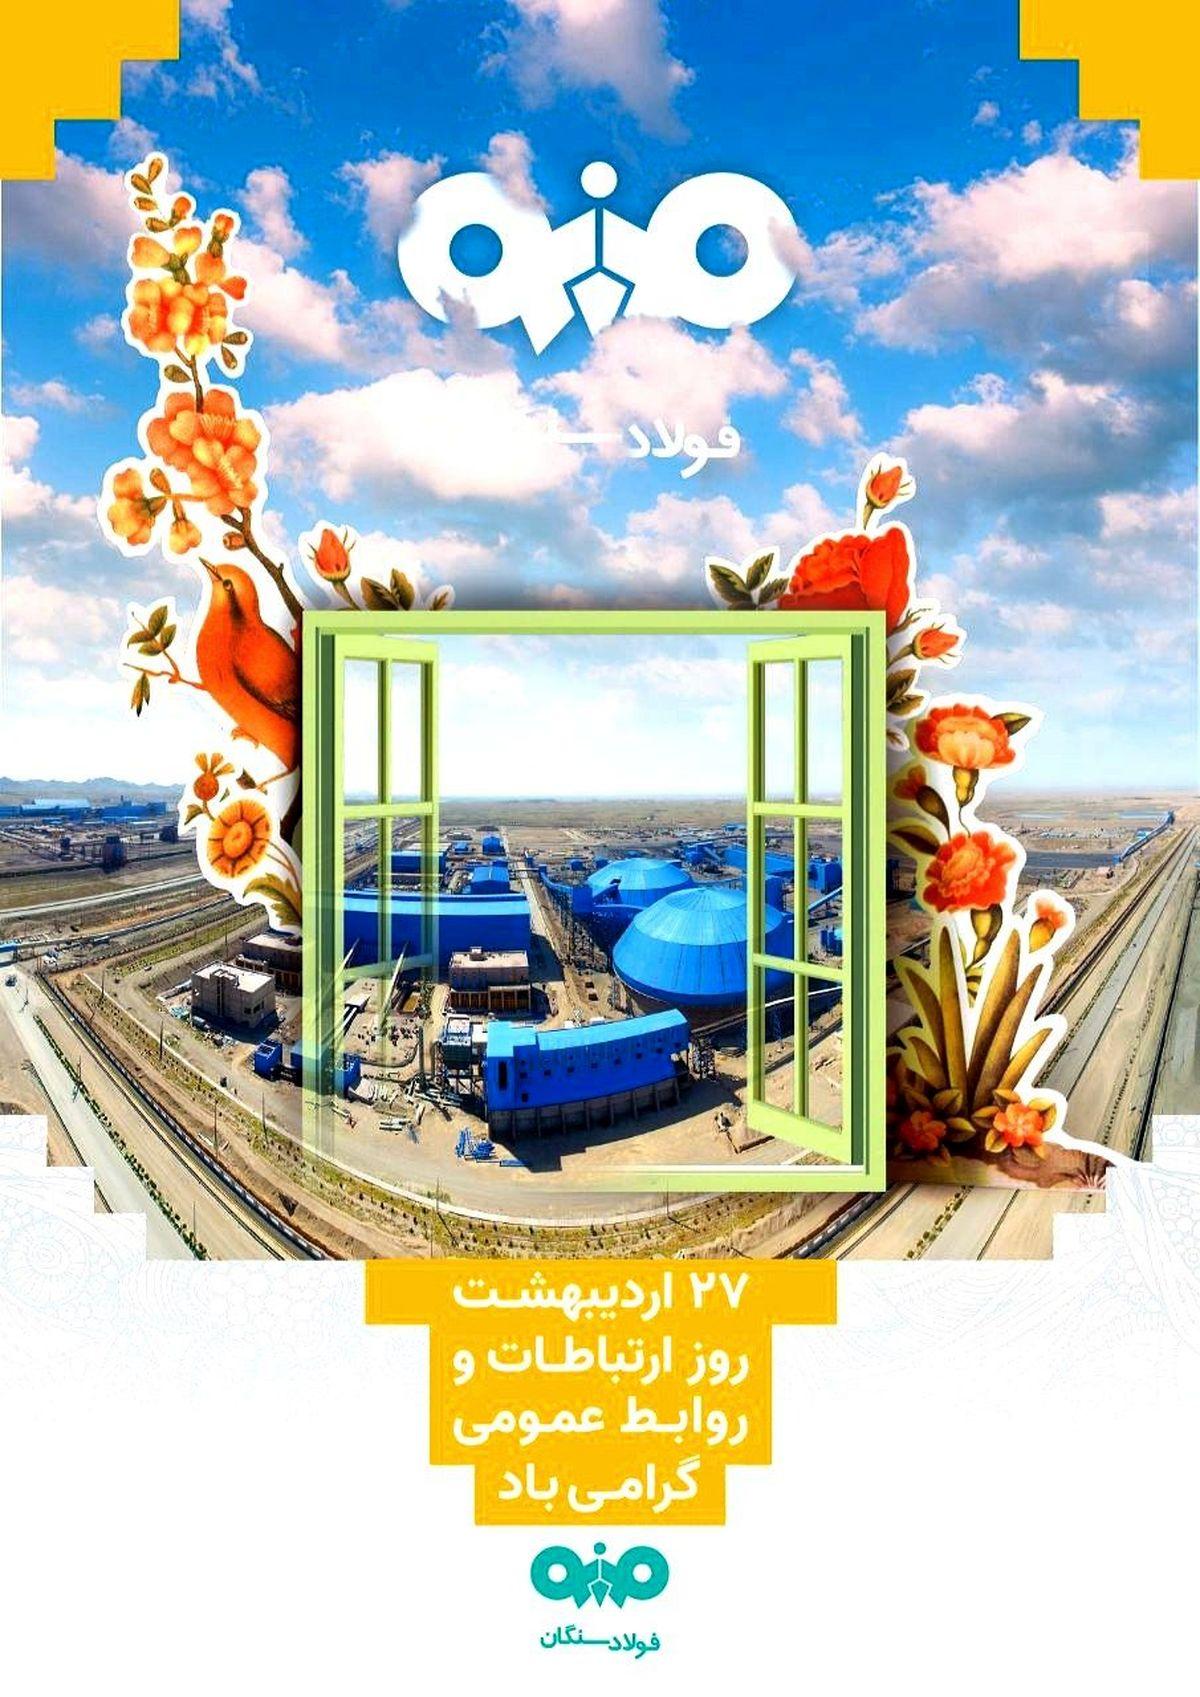 پیام تبریک مدیرعامل فولاد سنگان به مناسبت روز ملی ارتباطات و روابط عمومی